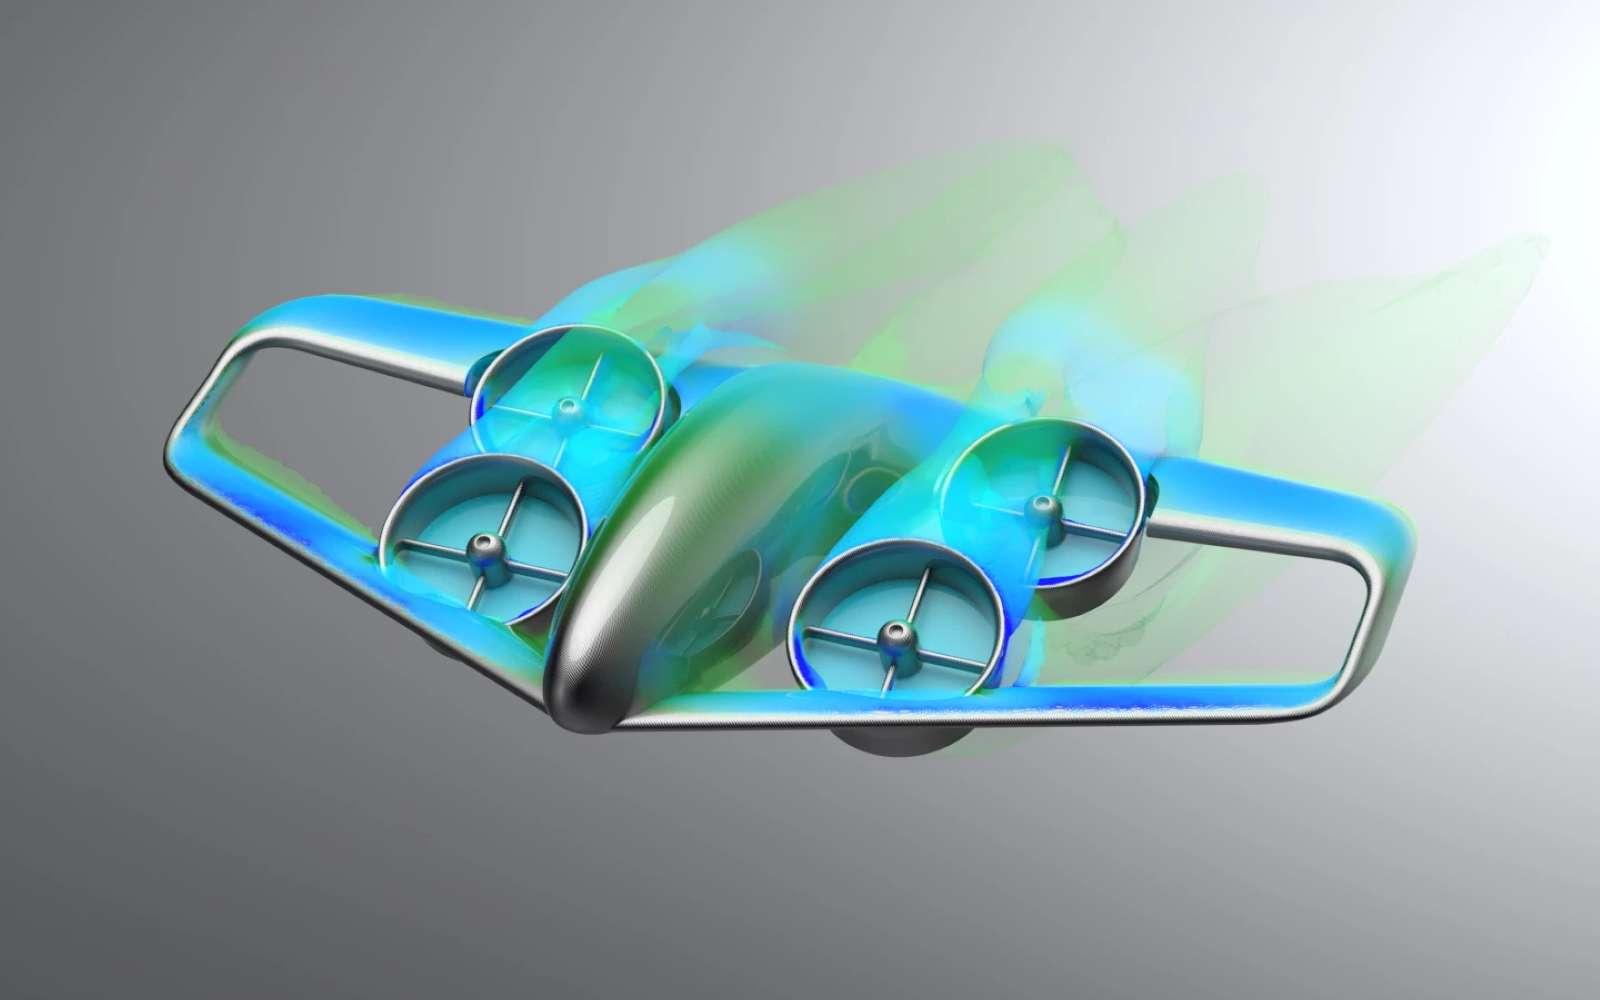 Le concept Skybus consiste en un grand bus aérien VTOL électrique. Il serait capable de transporter 30 à 50 passagers à travers la ville. © GKN Aerospace